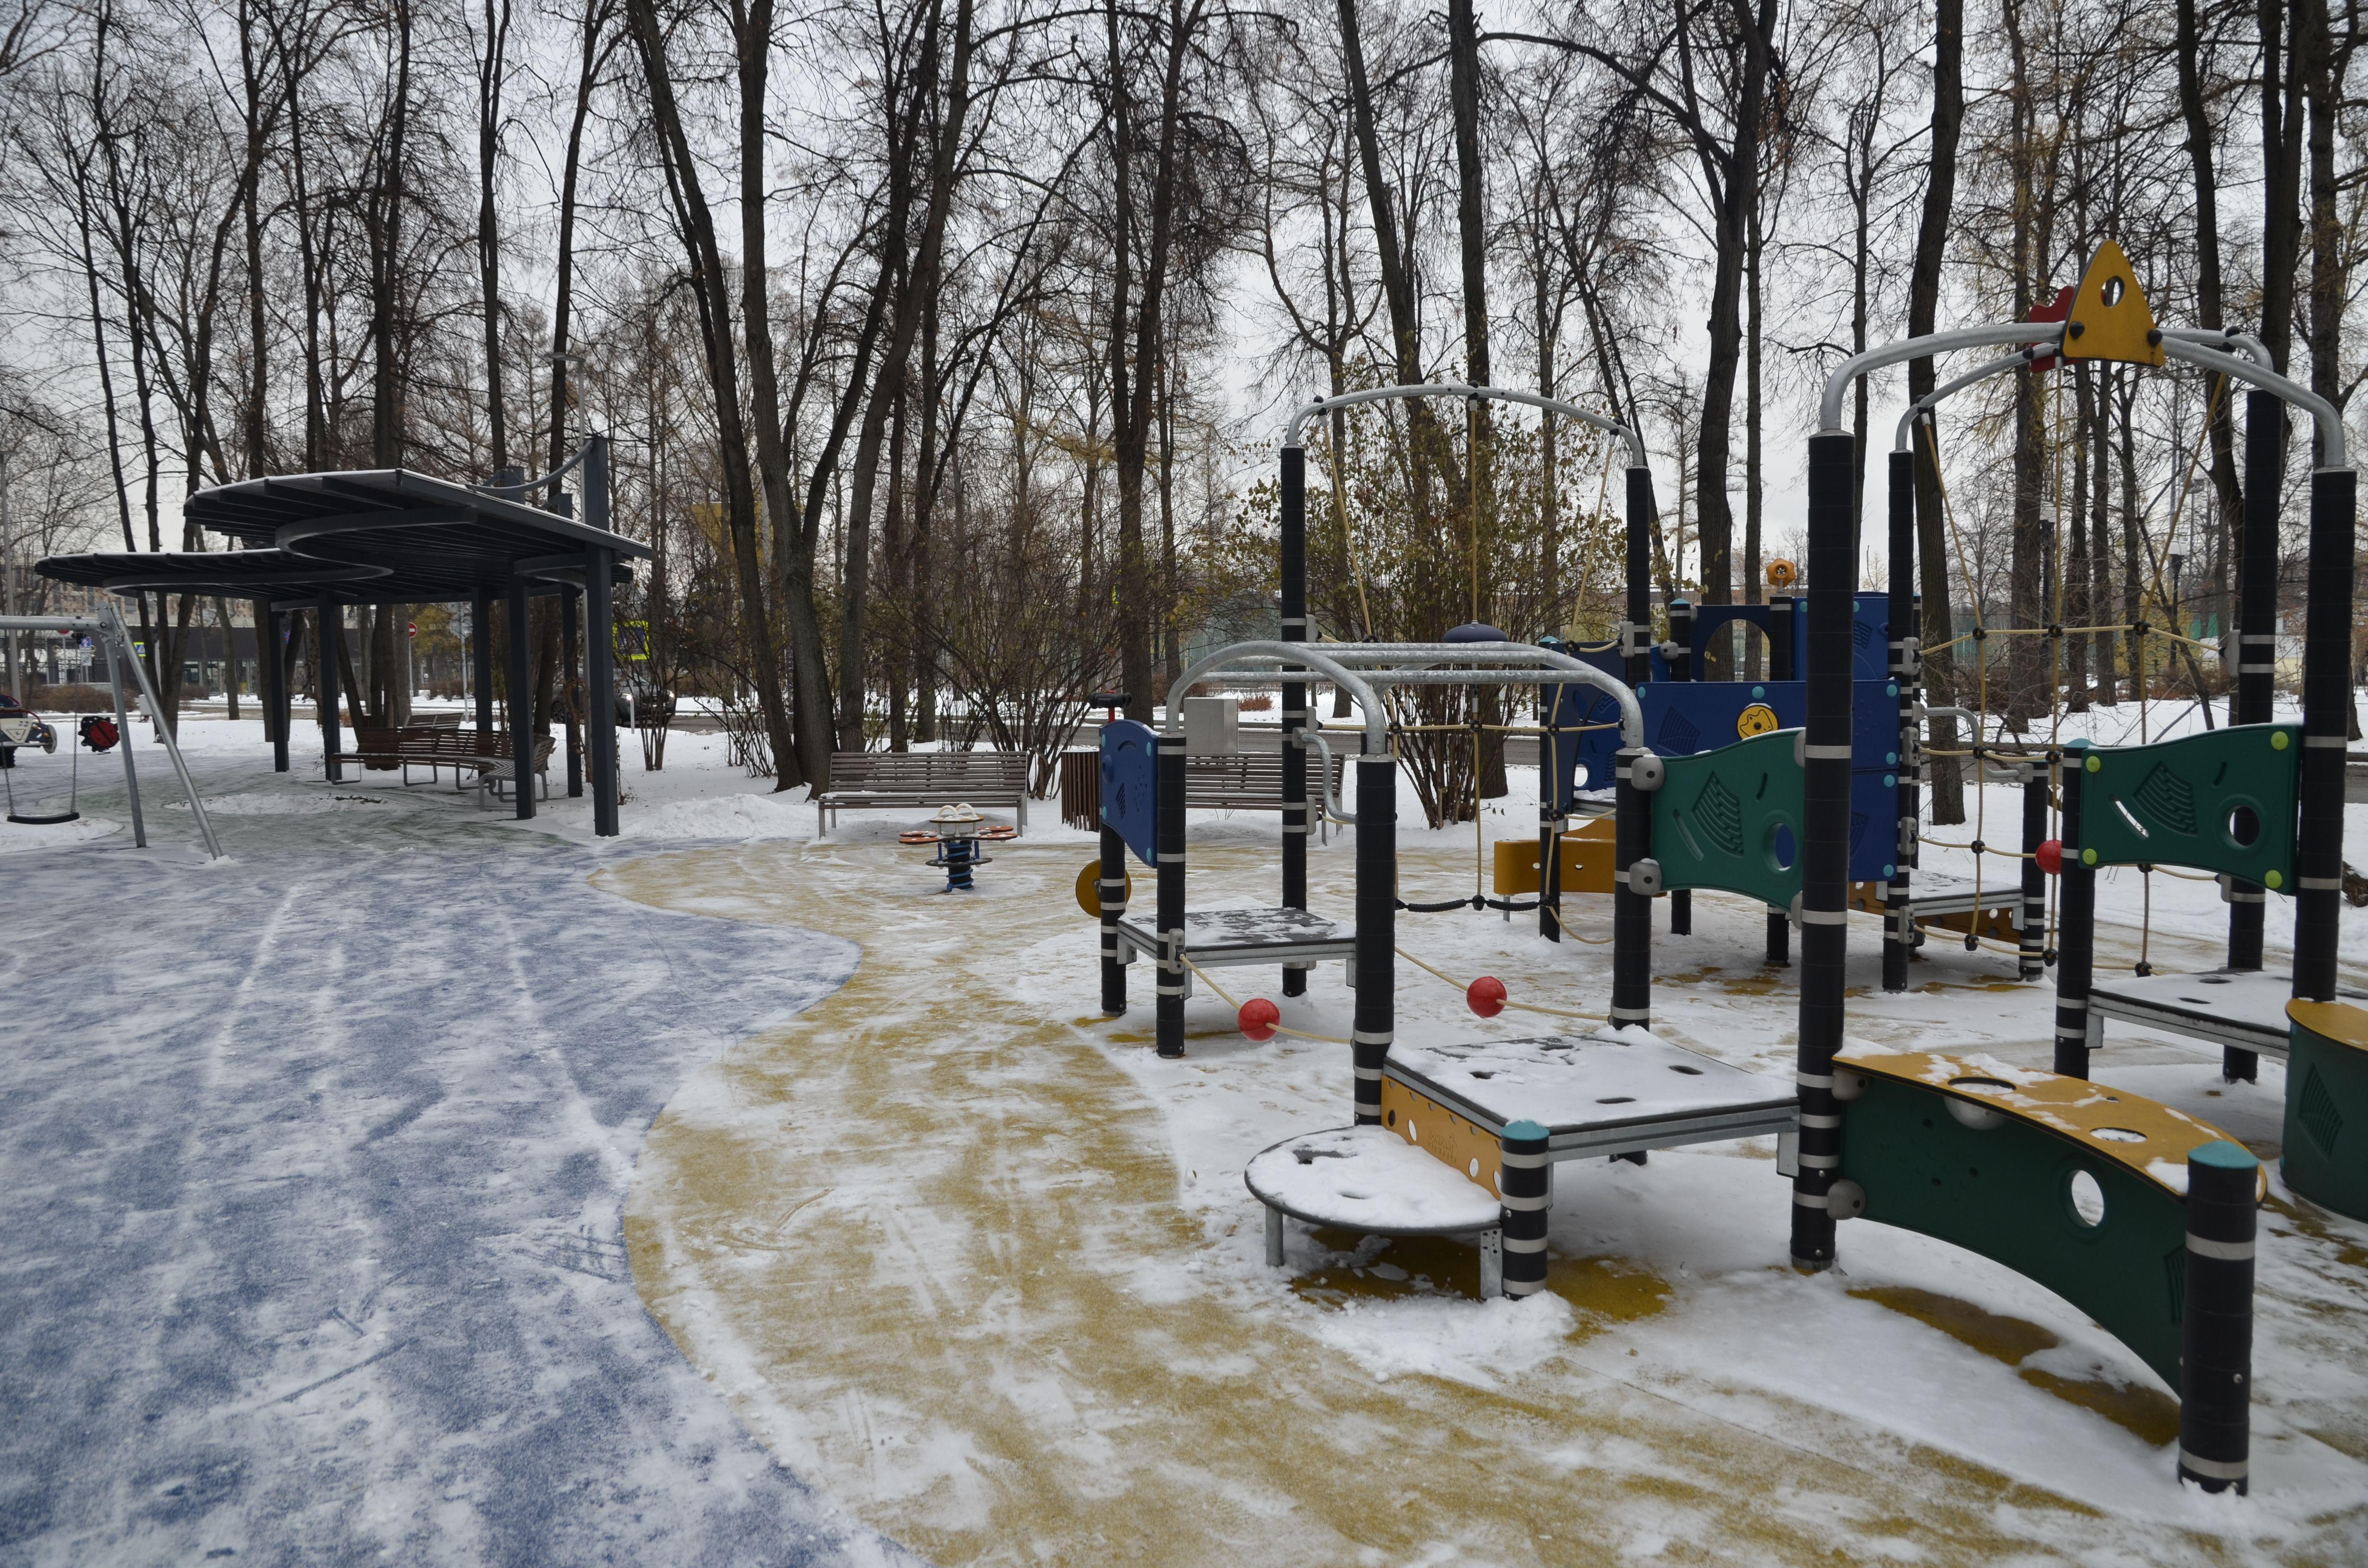 Во Внуковском проведут реконструкцию детских площадок. Фото: Анна Быкова